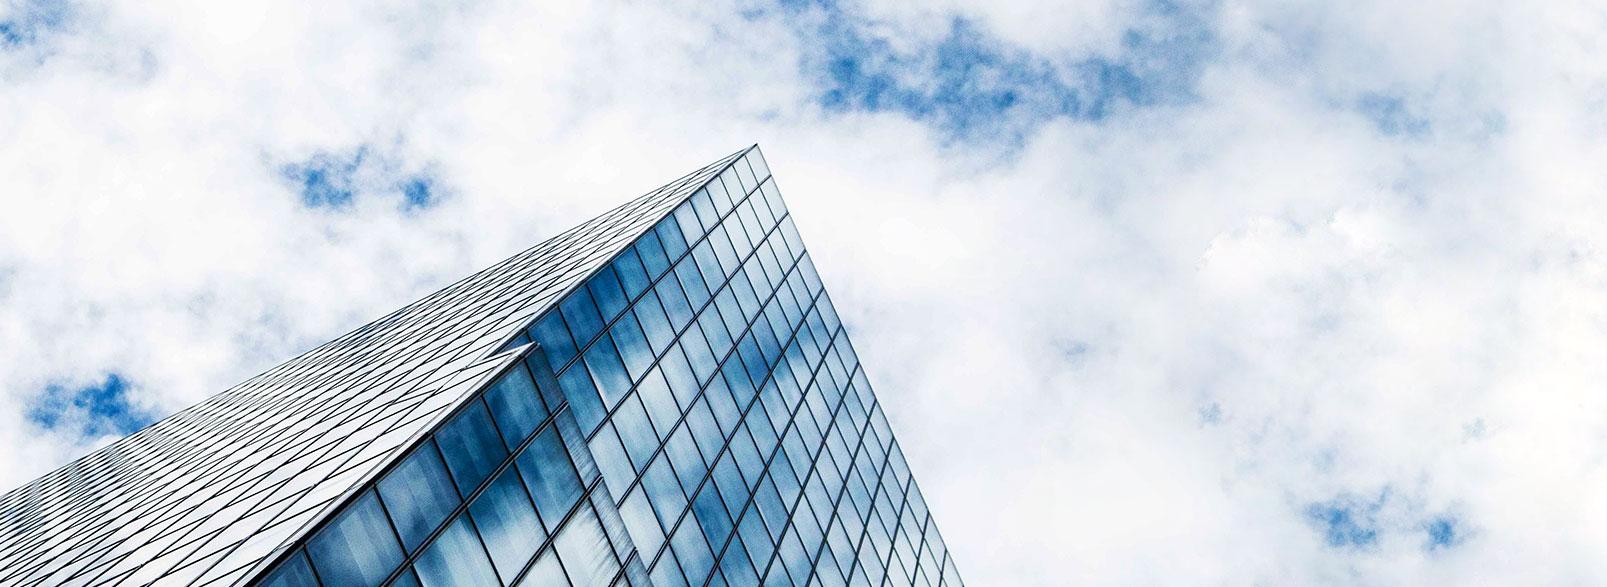 راهکاری اثربخش و سازگار برای تحول سازمان شما